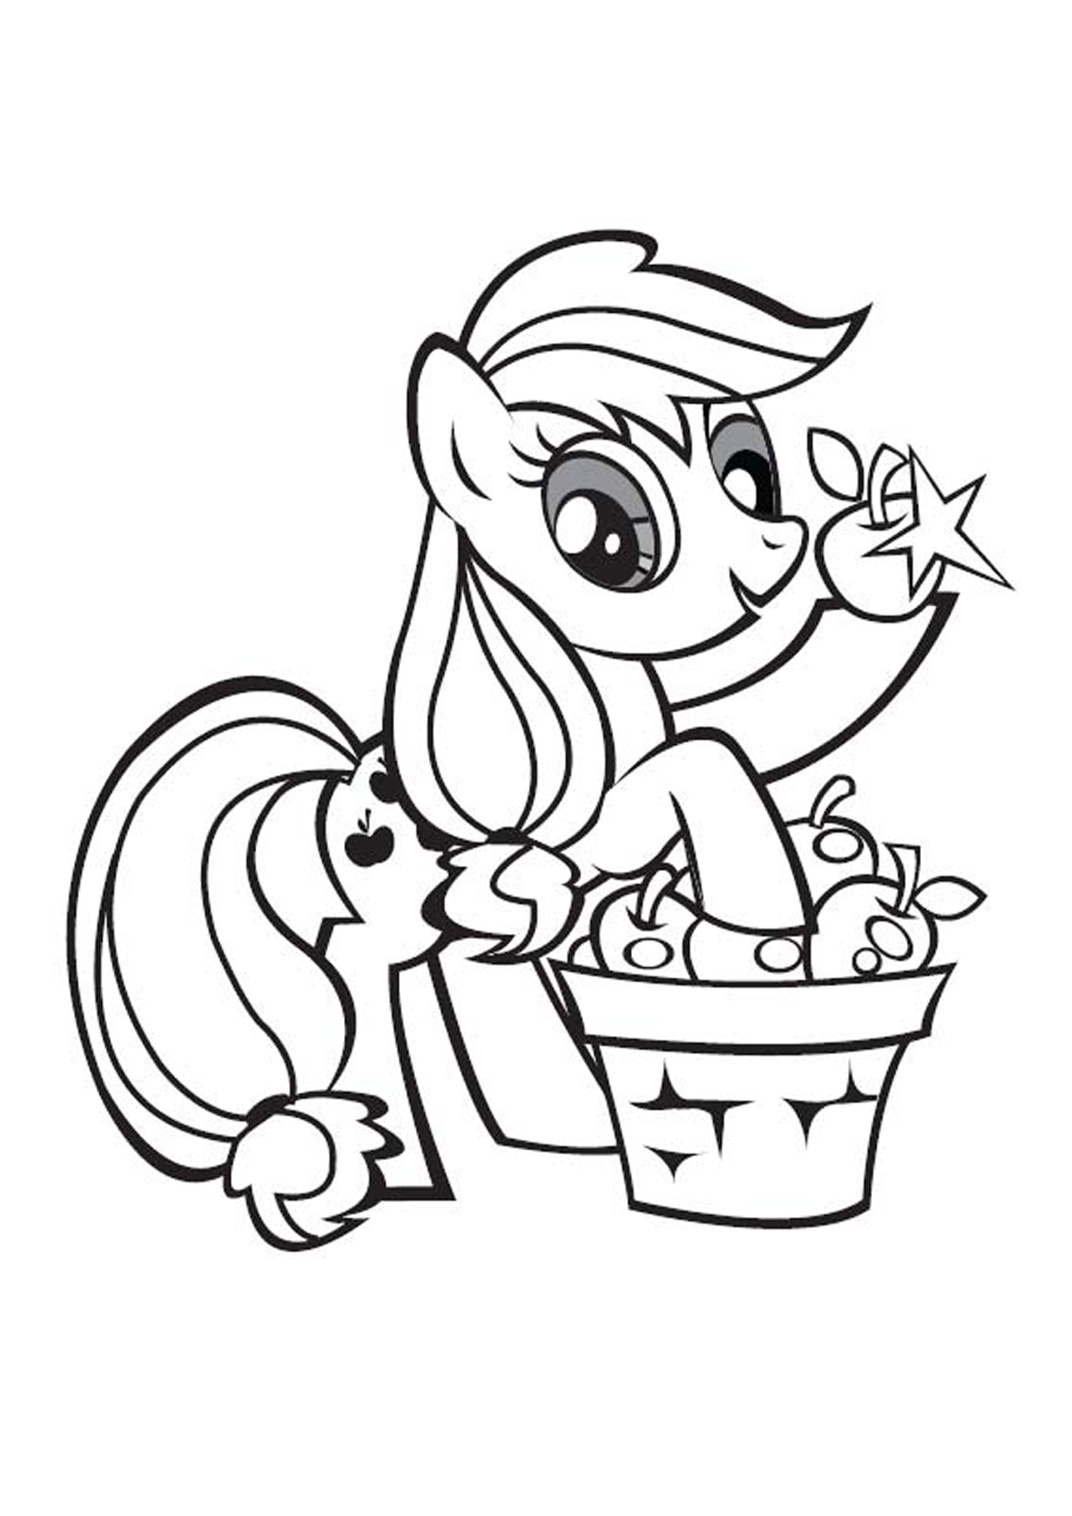 Coloriage Bebe Poney.101 Dessins De Coloriage Petit Poney A Imprimer Sur Laguerche Com